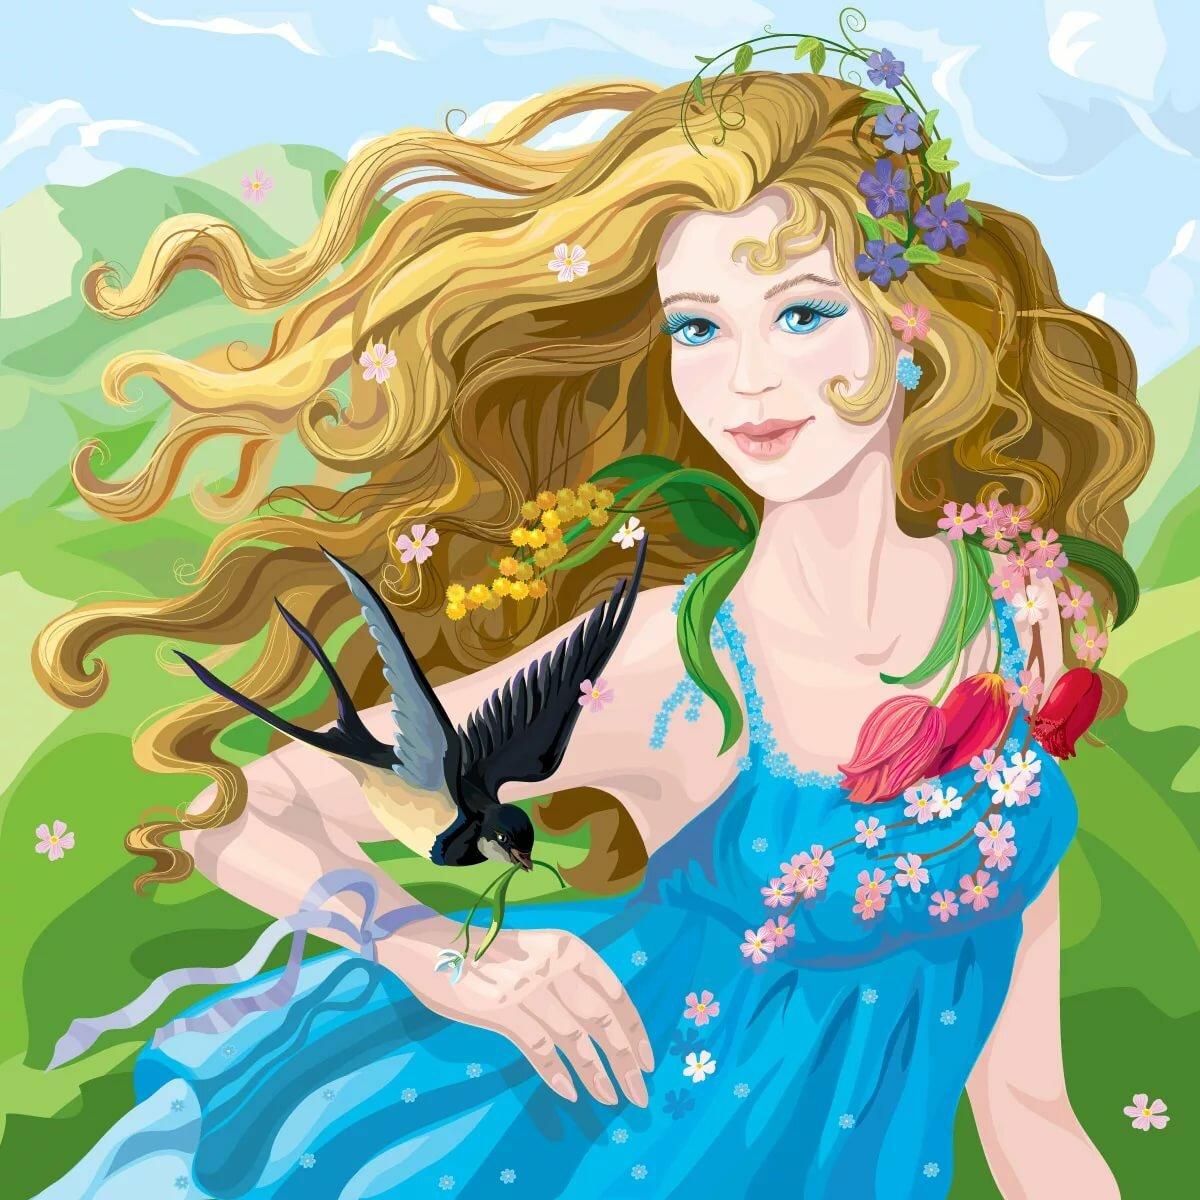 Картинка весны для детей сказочная